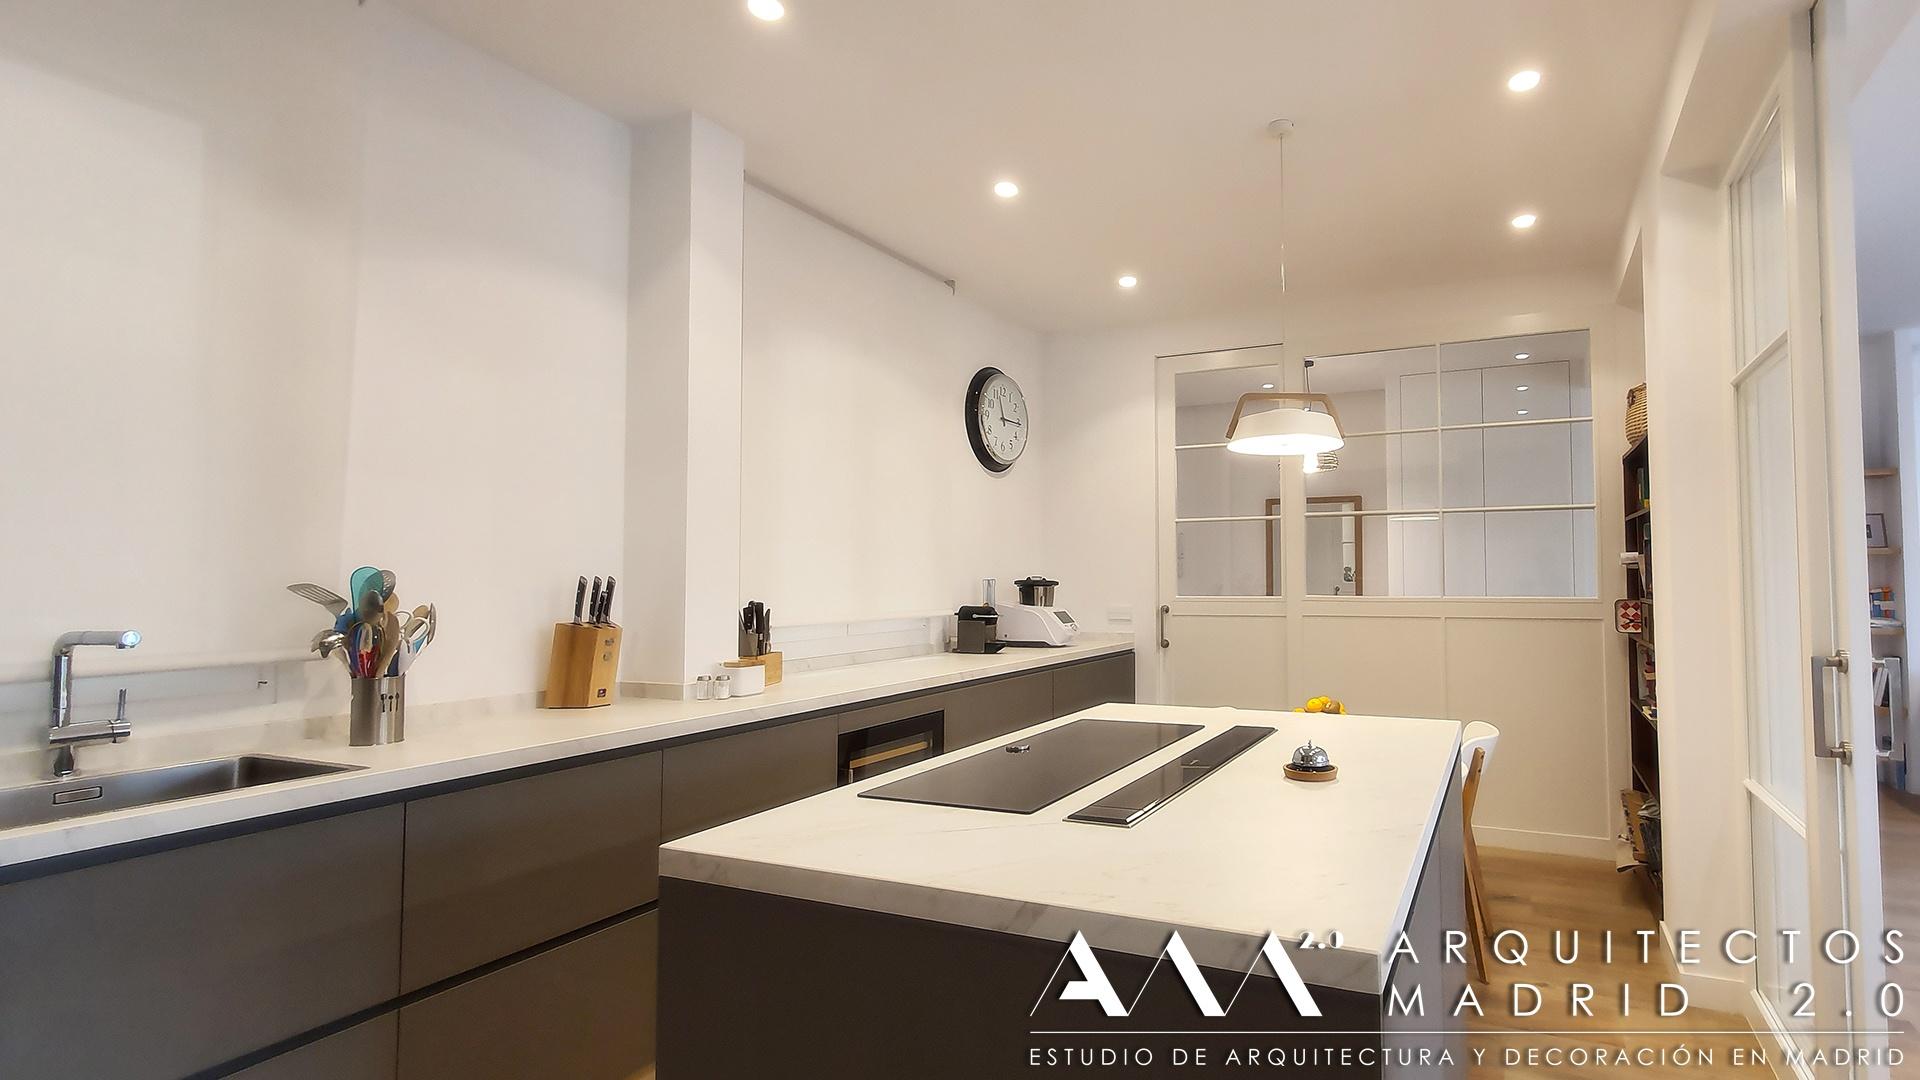 proyecto-reforma-integral-vivienda-arquitectos-madrid-ideas-decoracion-salon-cocina-home-interior-design-14